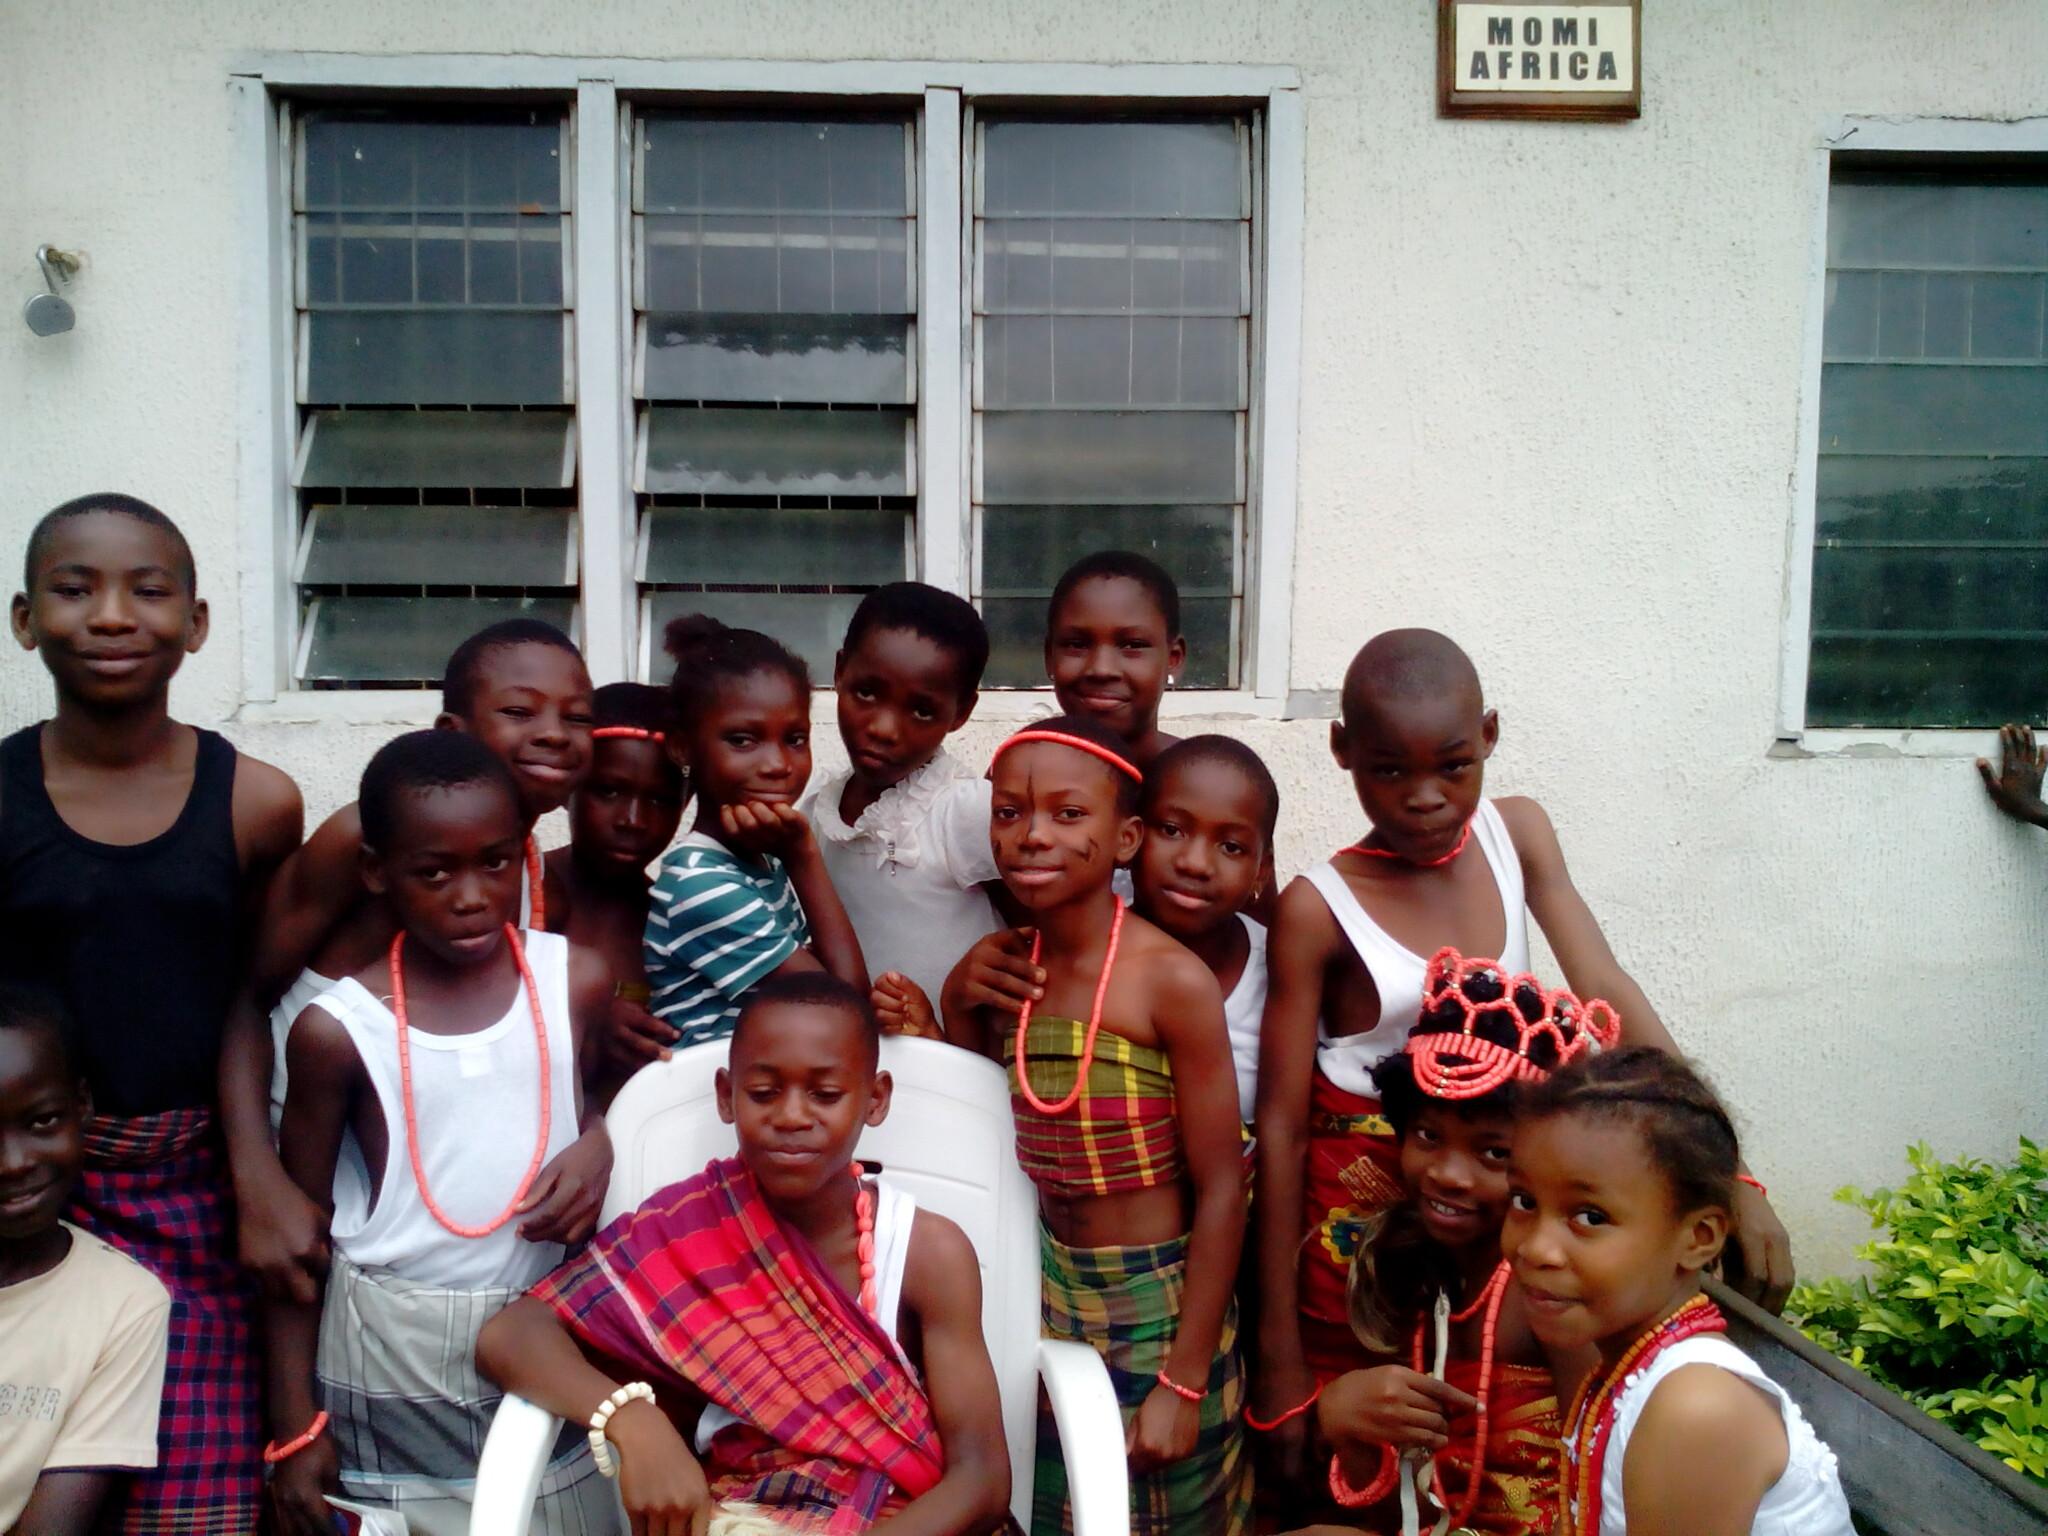 Momi Africa Children's Cultural Grou